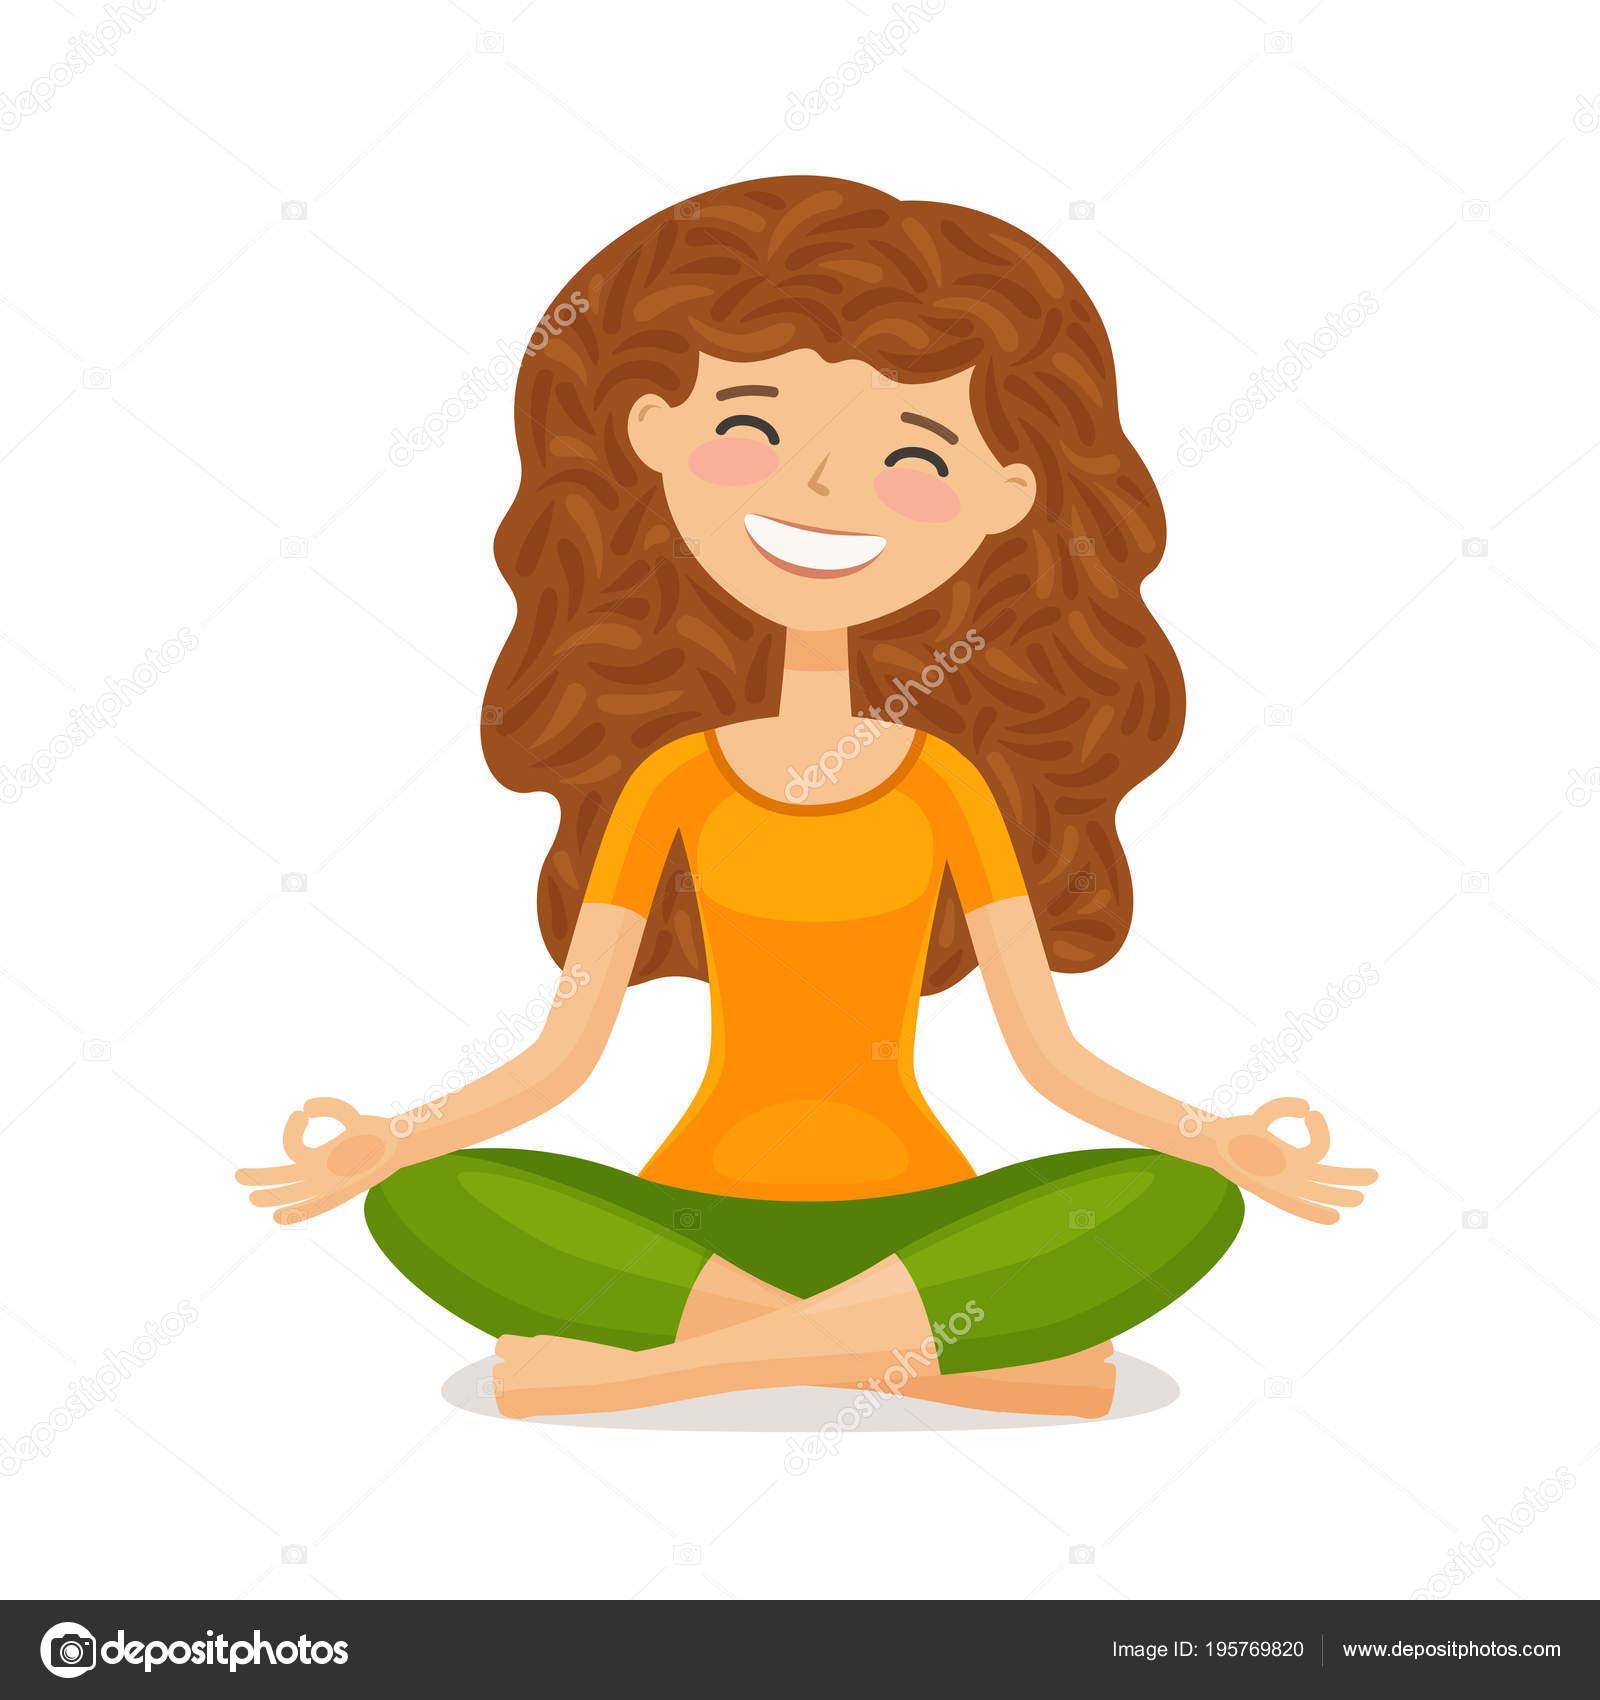 Niedliche Madchen Yoga Zu Tun Entspannung Meditation Konzept